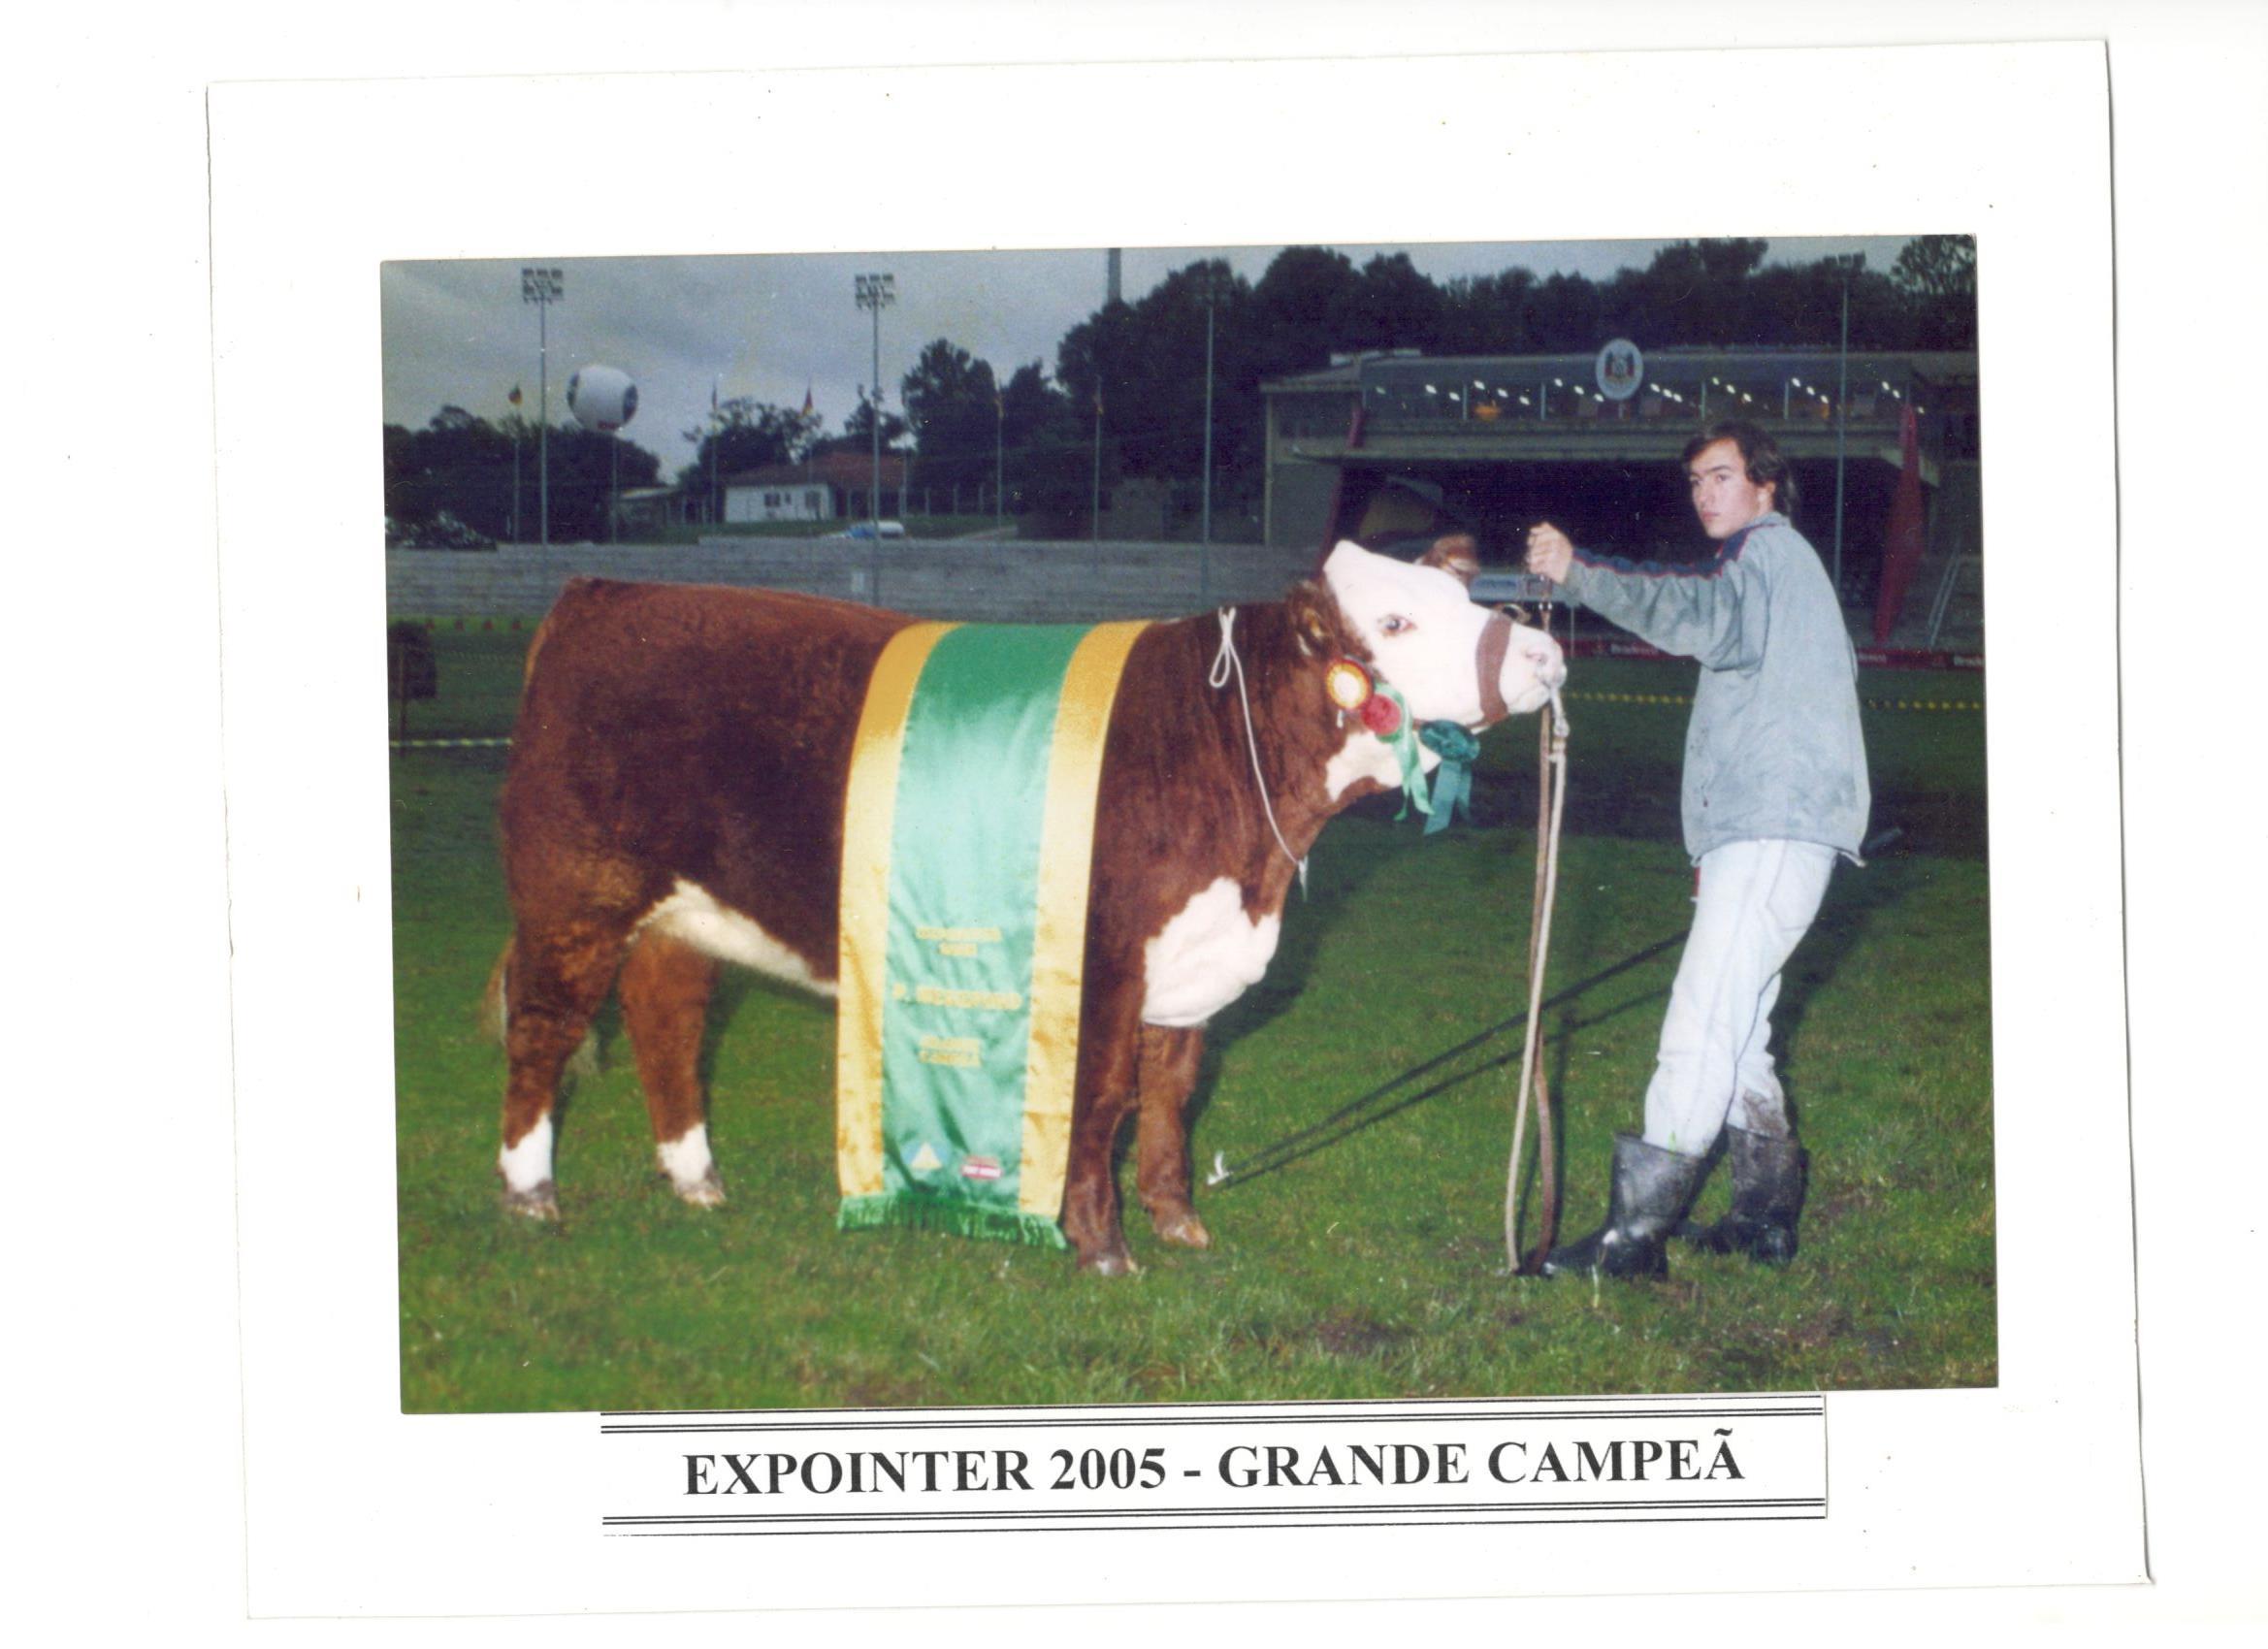 EXPOINTER_2005_-_GRANDE_CAMPEÃ